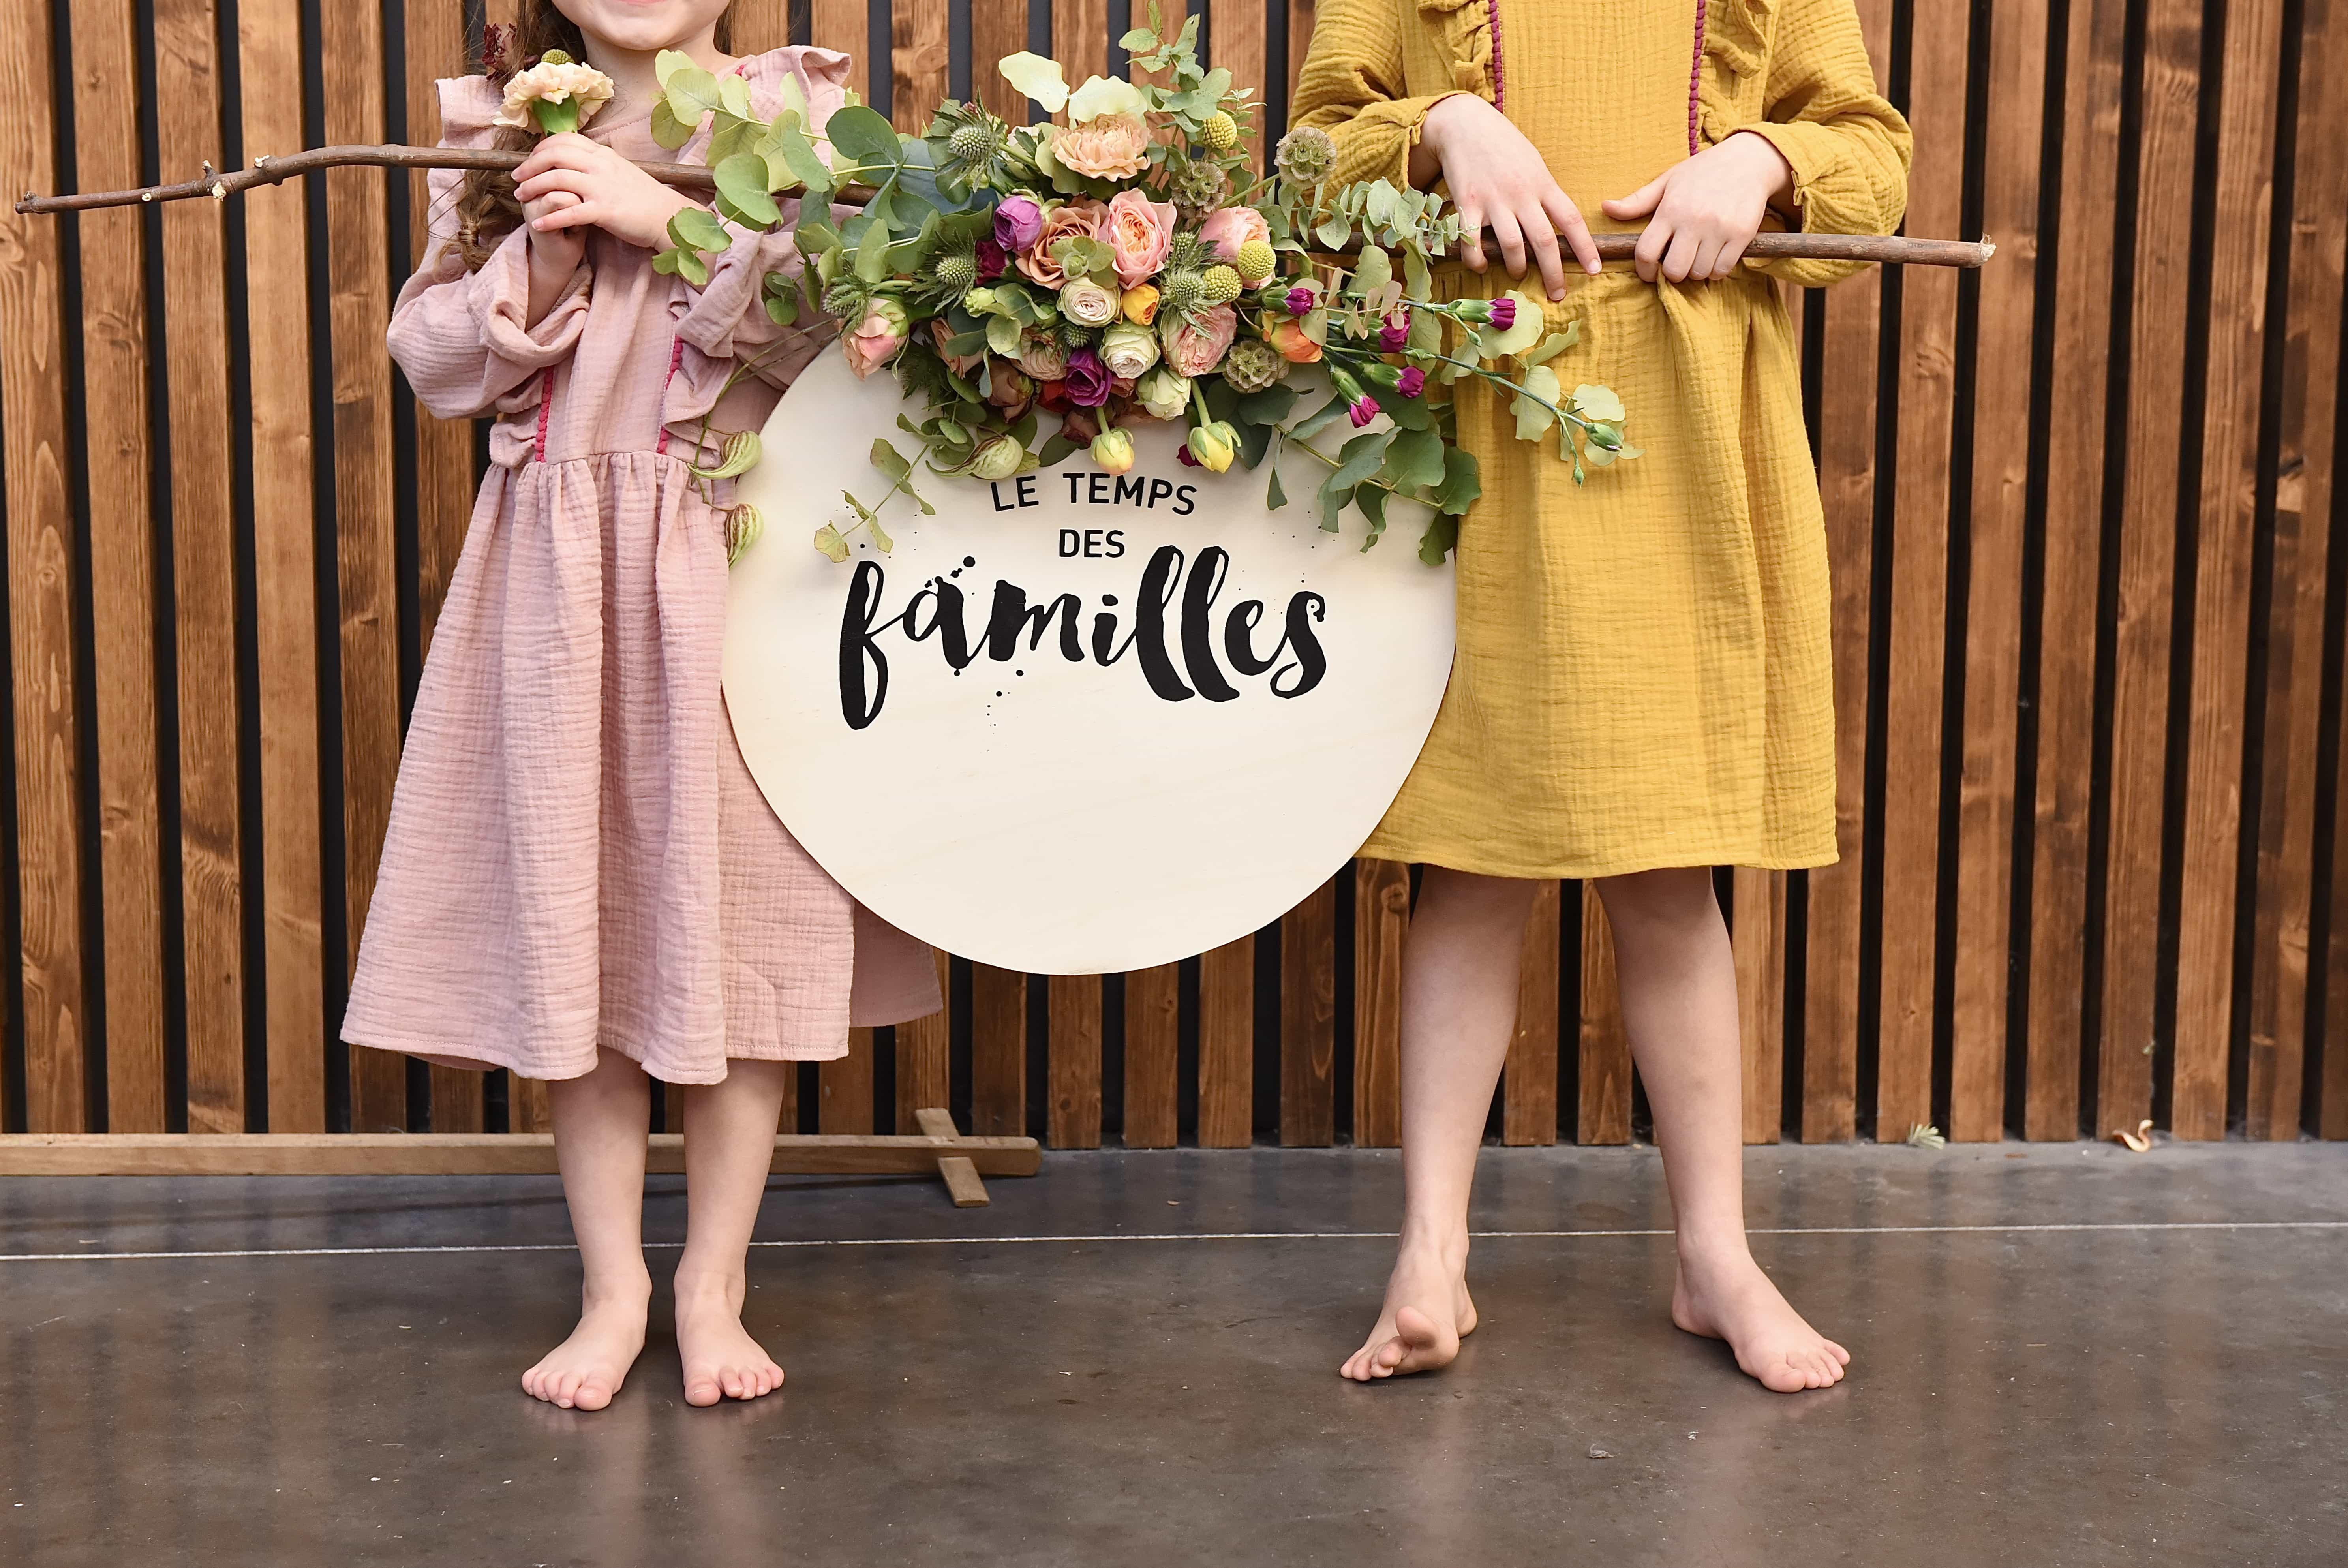 Festival temps des familles lyon mars